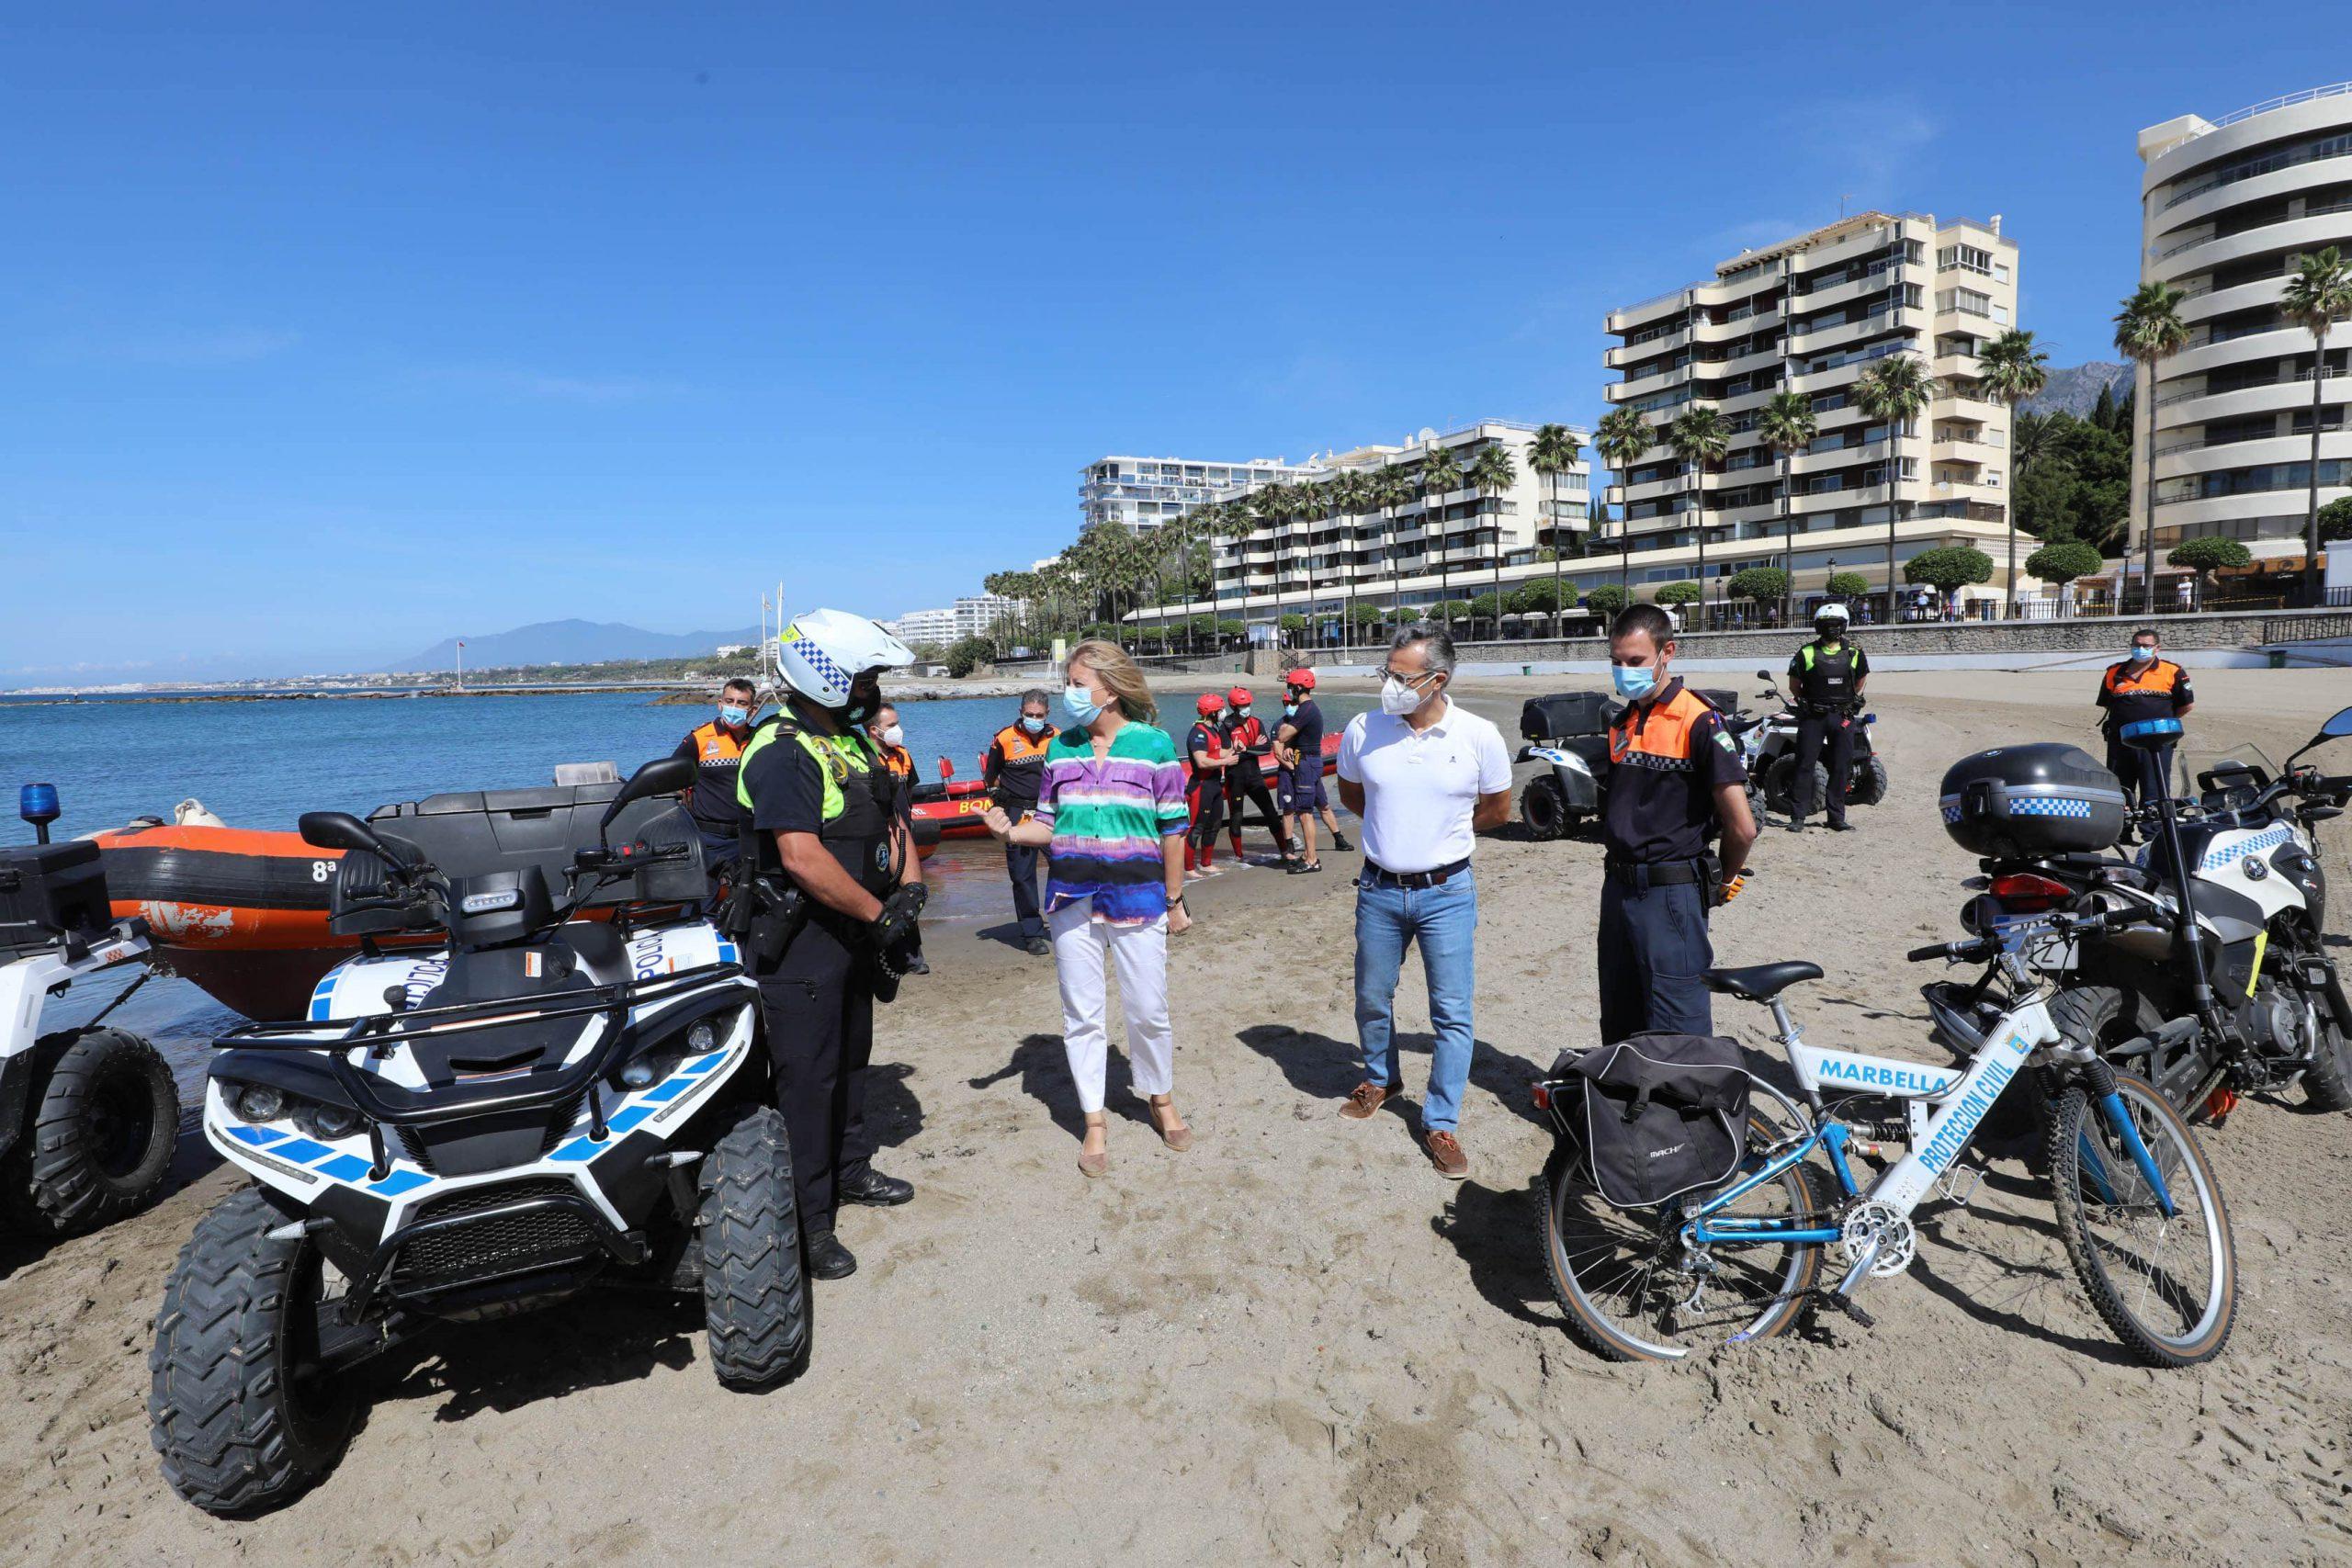 Marbella abrirá mañana lunes sus playas con refuerzo de las medidas de seguridad